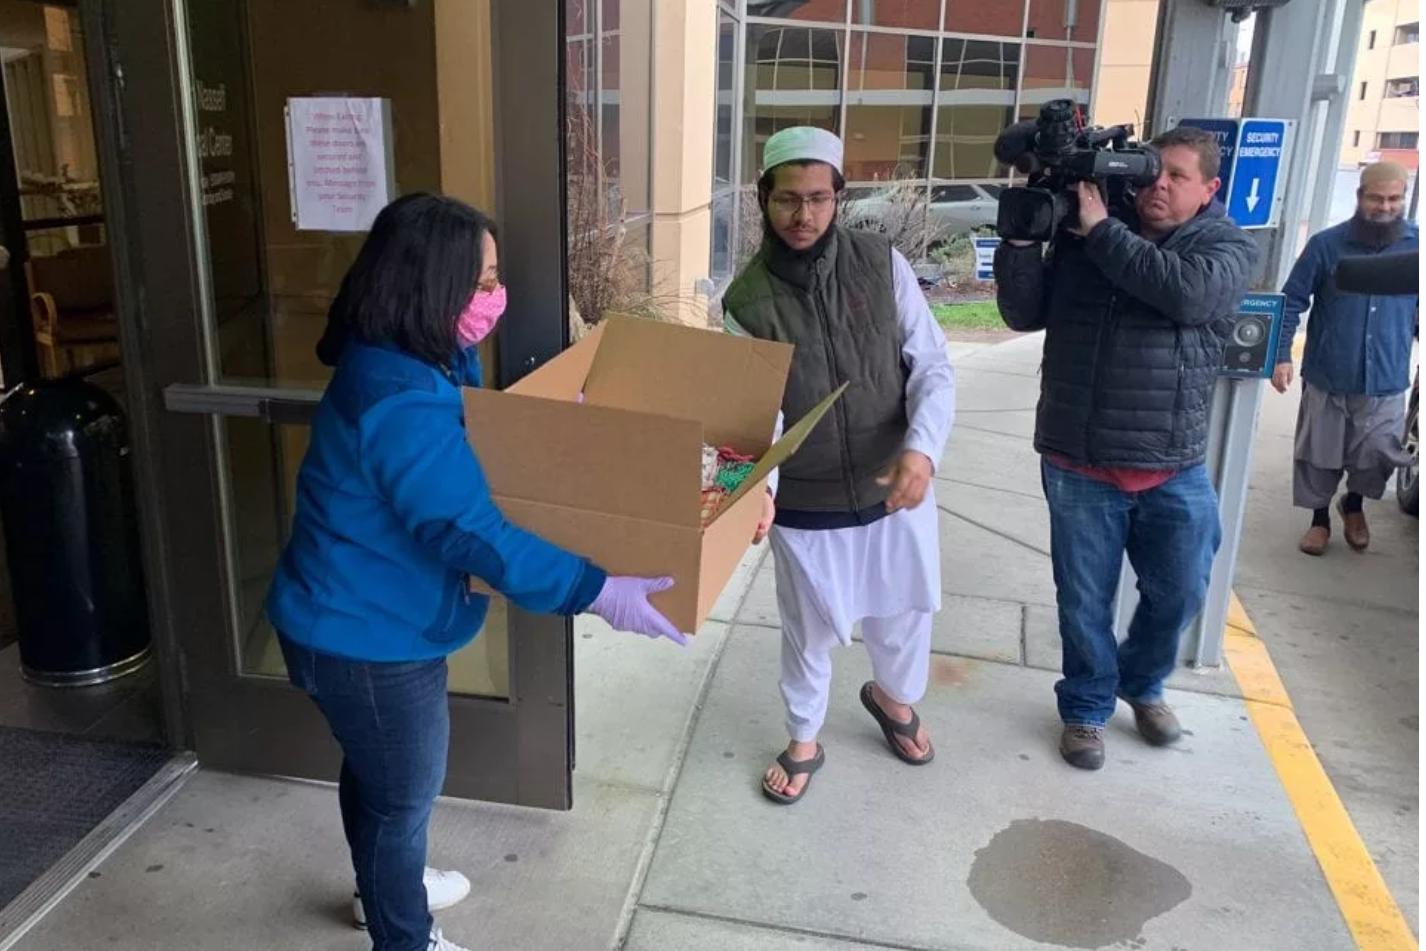 Los musulmanes estadounidenses predicen las máscaras como un signo de solidaridad nacional